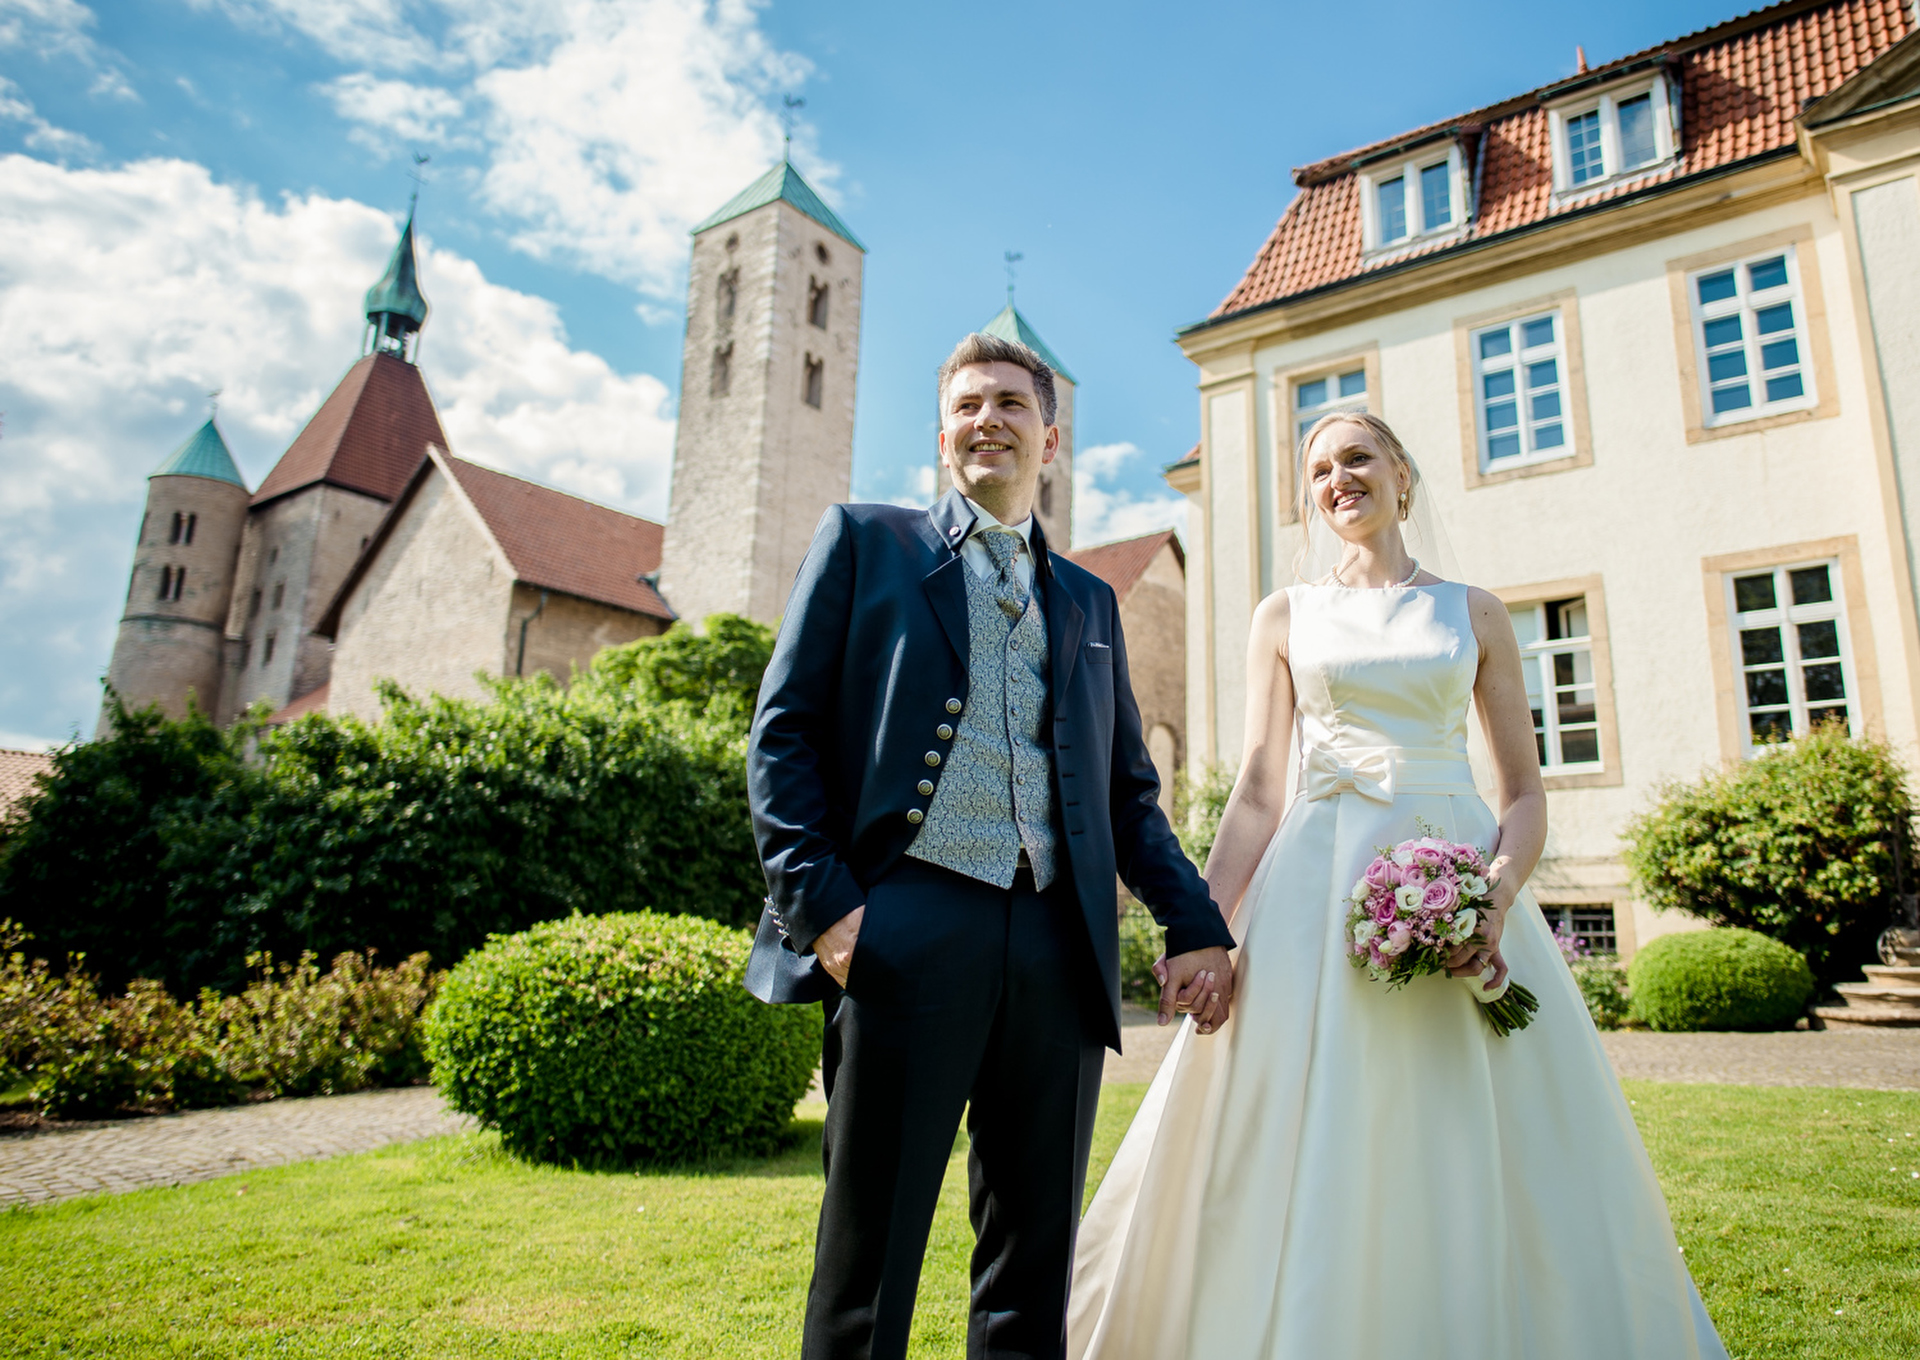 20170520-Hochzeit-Michael-Steffi452